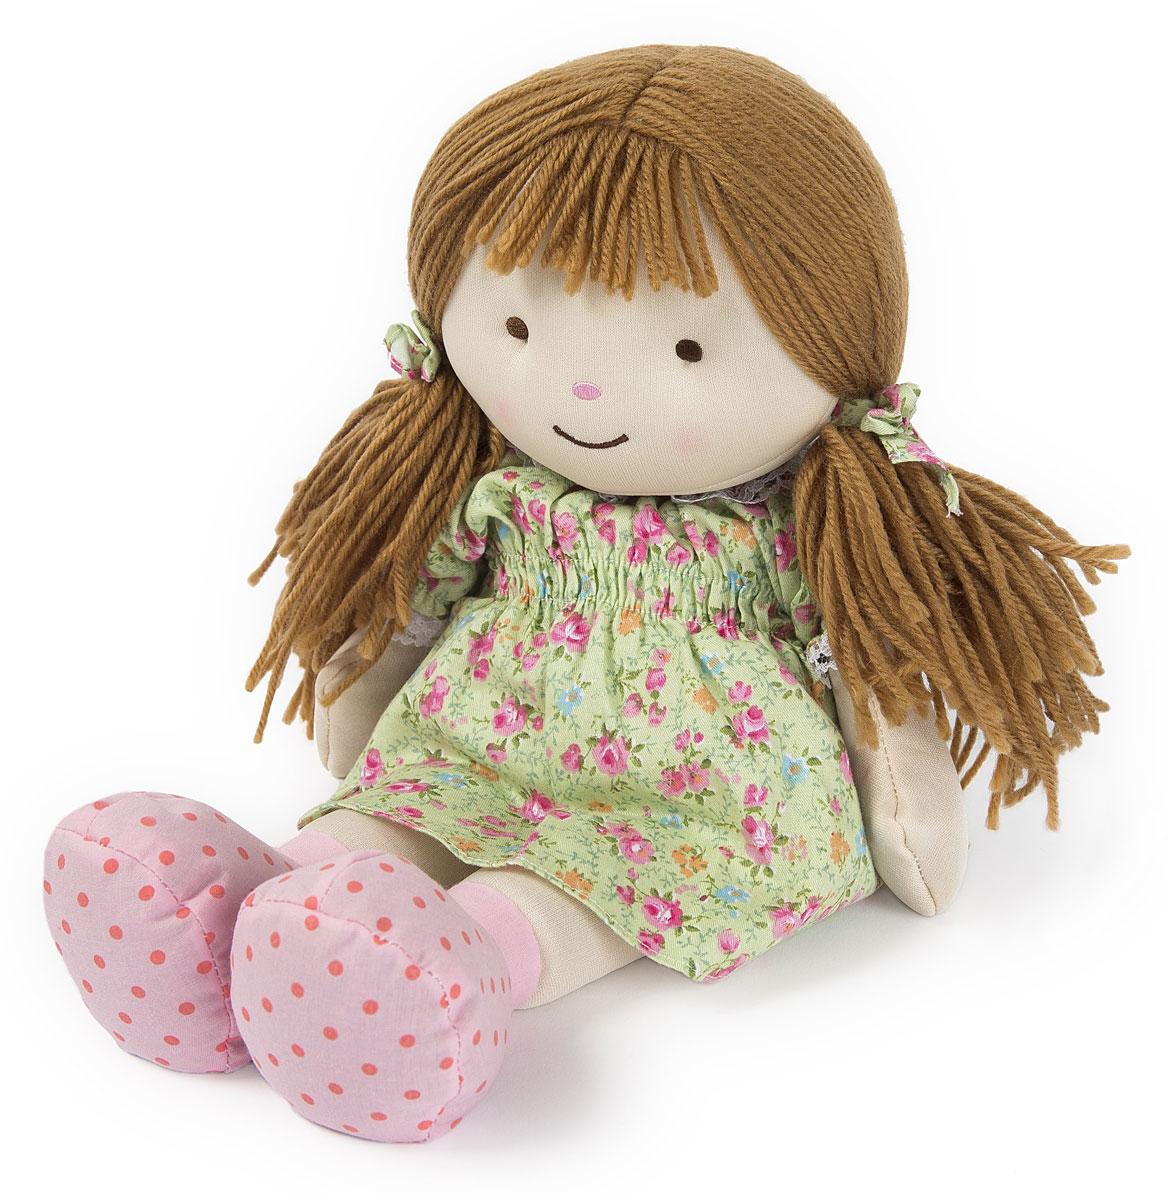 Warmies Мягкая игрушка-грелка Кукла ЭллиRD-ELL-1Мягкая игрушка-грелка Warmies Кукла Элли, предназначенная для тепловых процедур, обязательно поднимет настроение своему обладателю. Грелка, выполненная из хлопка и полиэстера в виде симпатичной мягкой куколки с двумя хвостиками, привлечет внимание не только ребенка, но и взрослого, и сделает процесс использования грелки приятным и комфортным. Игрушка полностью безопасна - состоит из натурального наполнителя: зерен проса и сушеной лаванды. Просо удерживает тепло долгое время, а лаванда обладает успокаивающим, расслабляющим эффектом, помогает заснуть. Лечебные свойства лаванды помогают при простудных заболеваниях. Положите игрушку на 1-2 минуты в микроволновую печь, и она будет греть вас на протяжении 3-4 часов. Оригинальный стиль и великолепное качество исполнения делают эту игрушку-грелку чудесным подарком к любому празднику. Не стирать - специальный шелковый мех легко очищается влажной тряпкой. Наполнитель: обработанные зерна проса,...